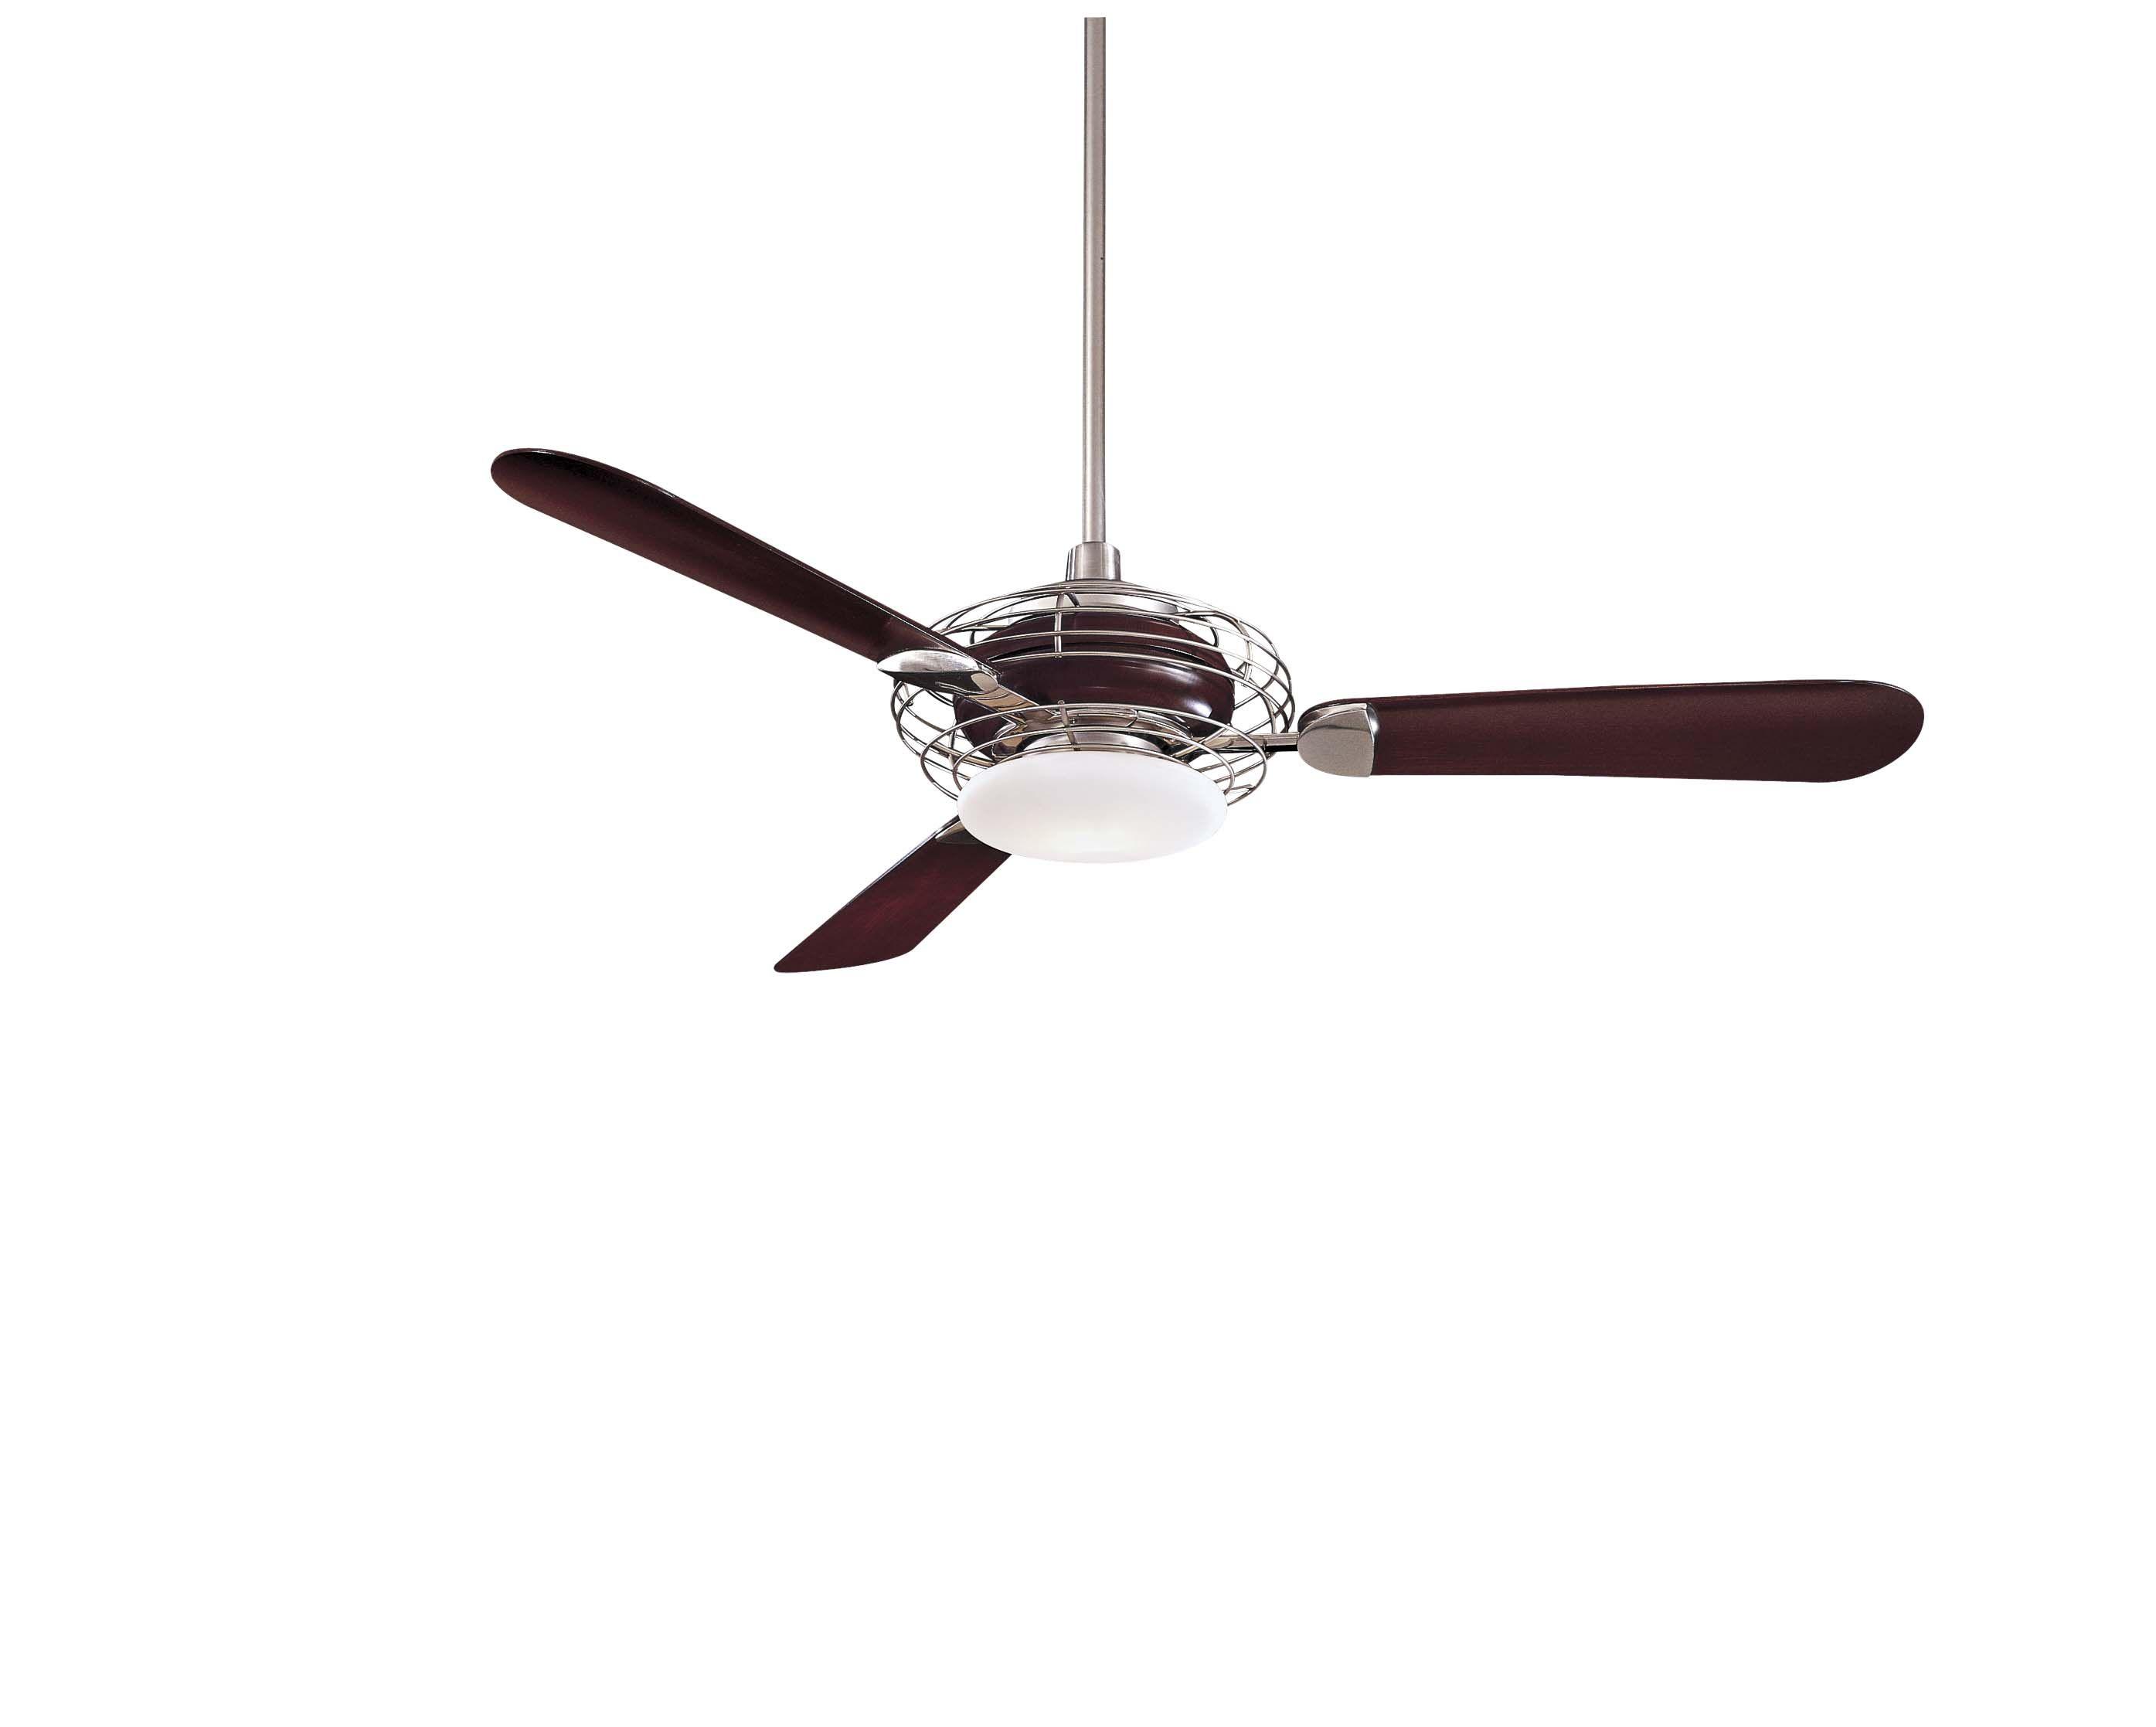 Acero Fan Minka Aire Lightology 389 95 52 W X 13 6 H Ceiling Fan Design Ceiling Fan Ceiling Fan With Light